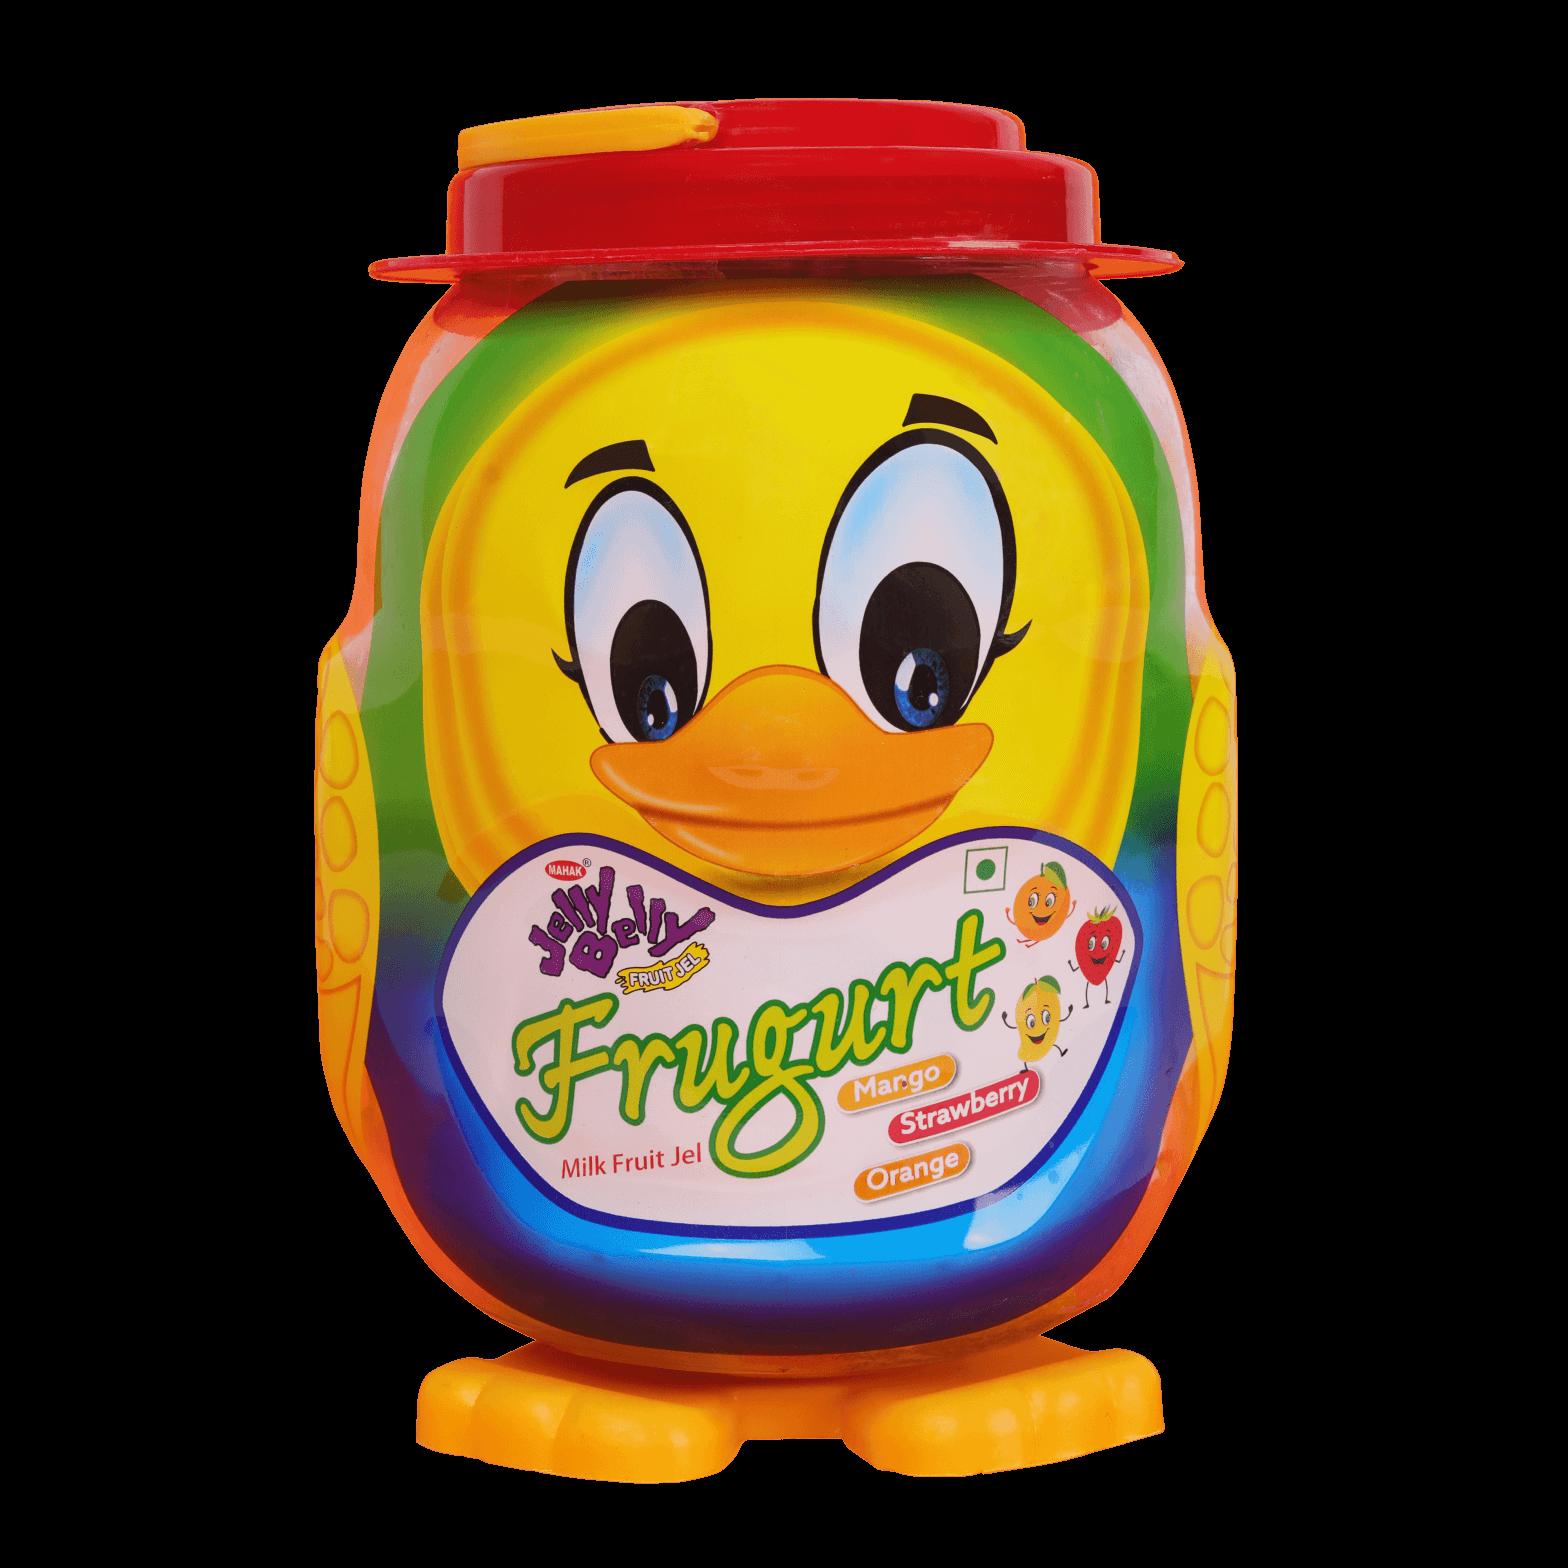 Jelly Belly Frugurt Milk Fruit Jel (Duck)